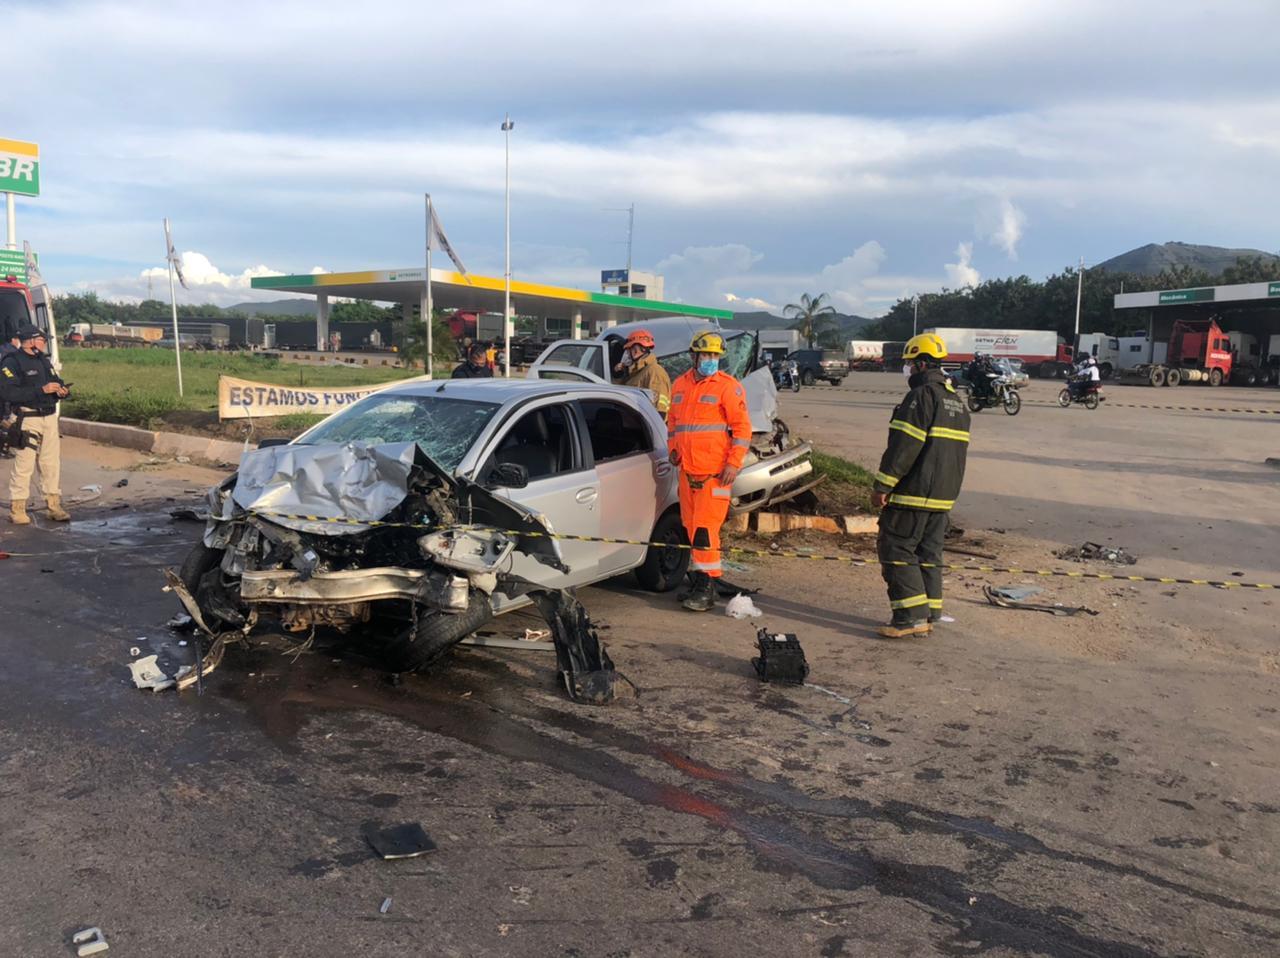 Duas pessoas morrem em acidente na BR-381, no trevo de Ravena, em Sabará - Foto: Divulgação/Corpo de Bombeiros